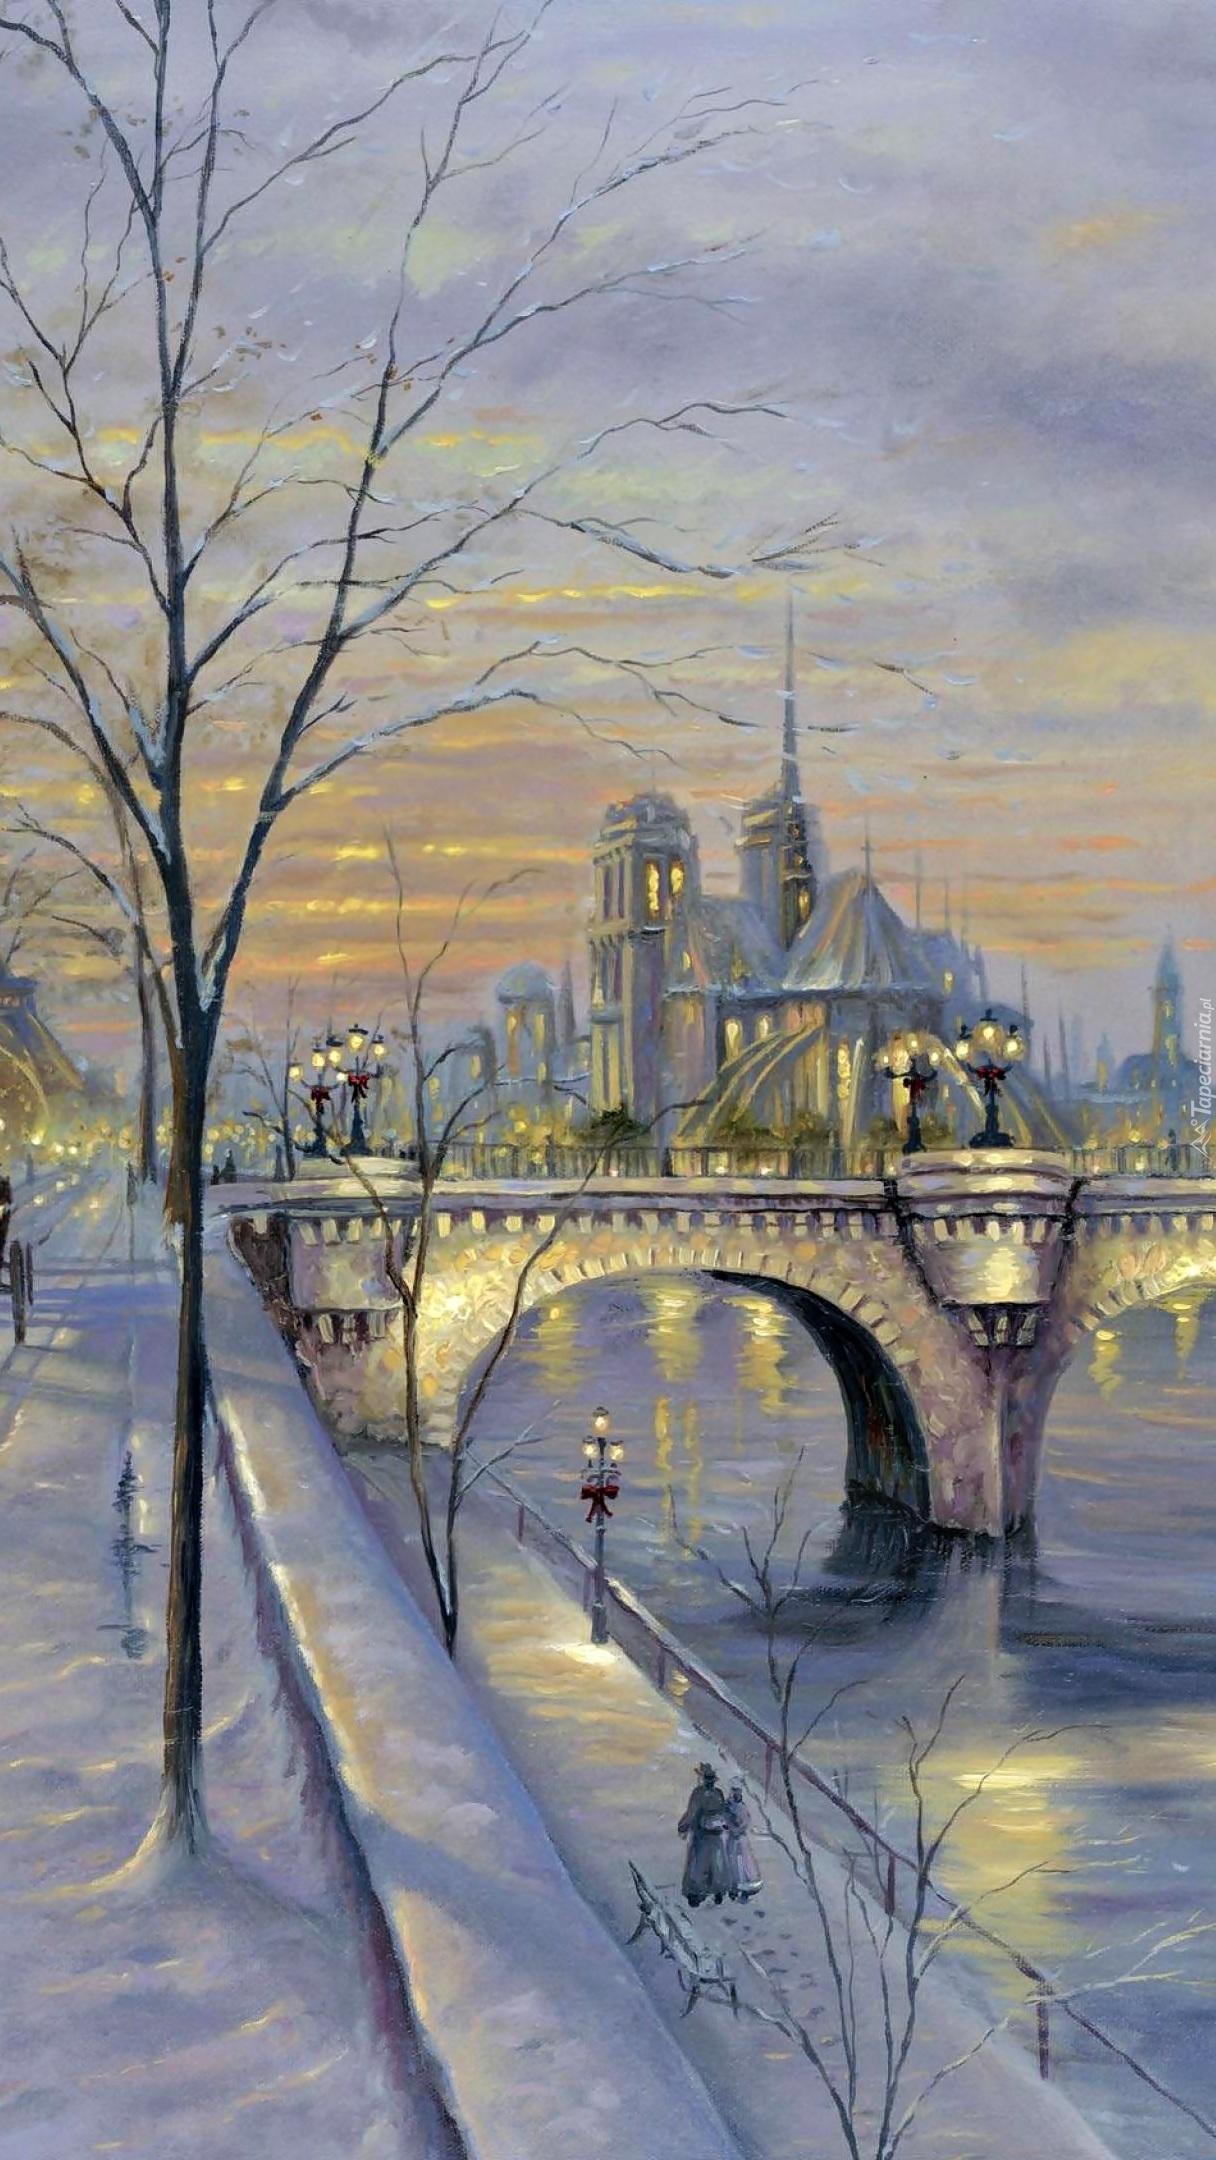 Zimowy Paryż na obrazie